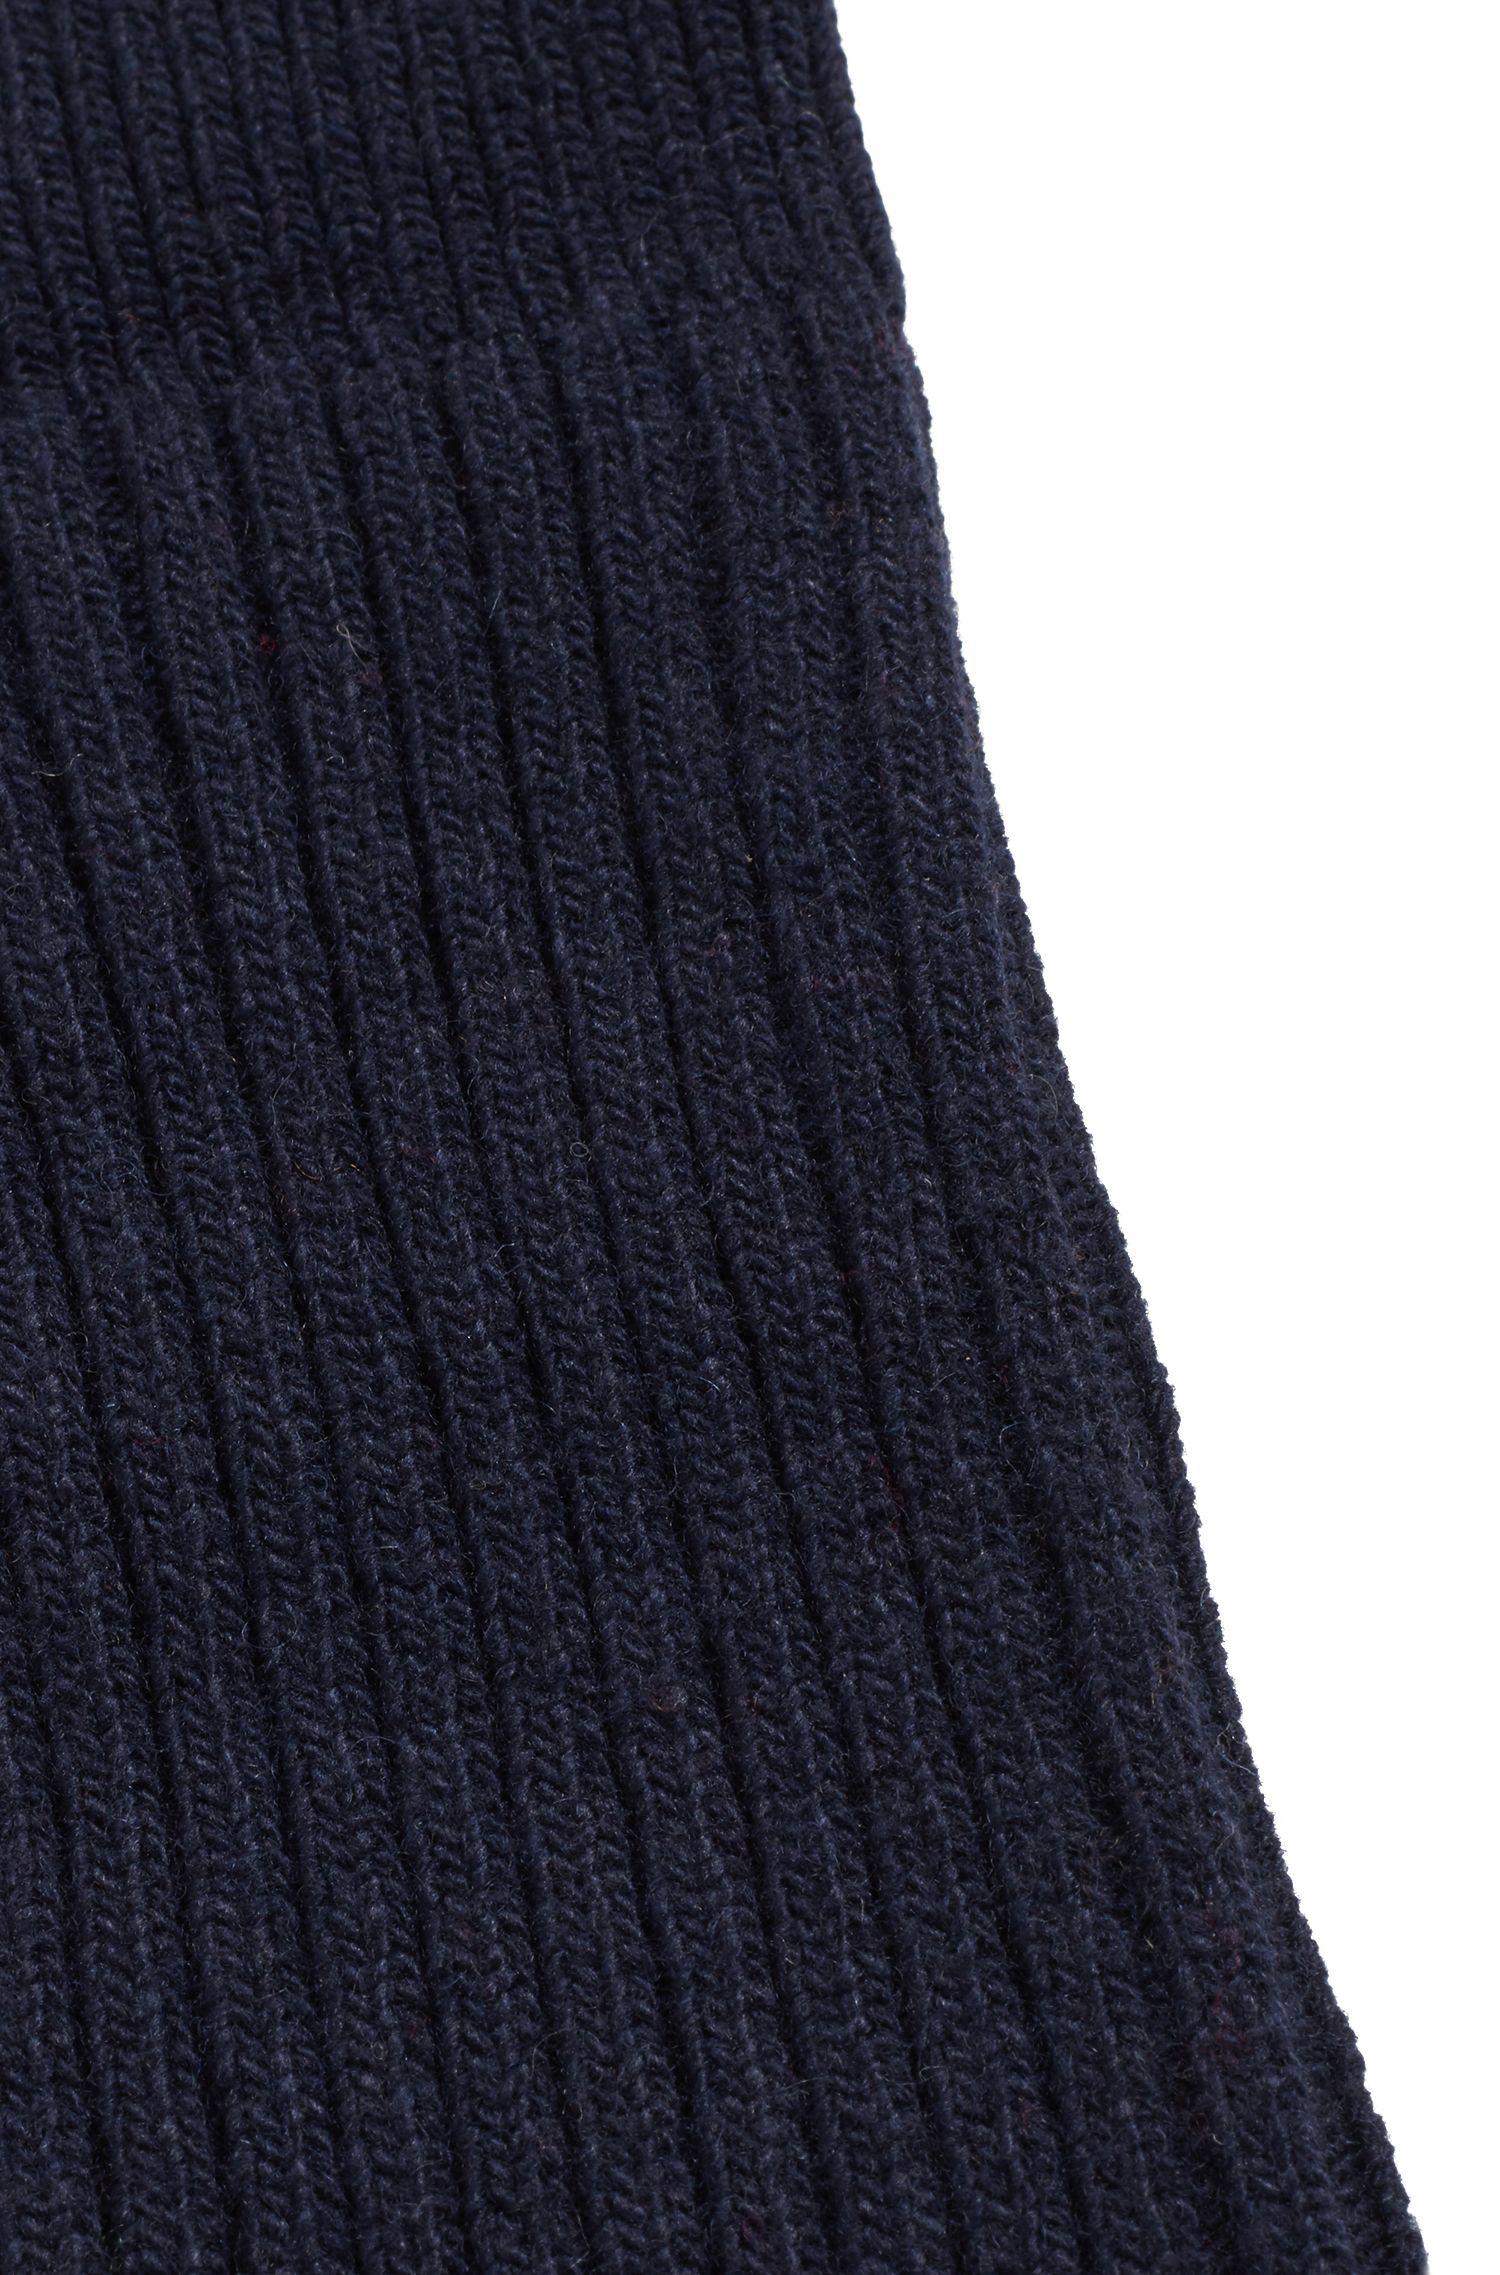 Laarzensokken van ribmateriaal met wol en kasjmier, Donkerblauw